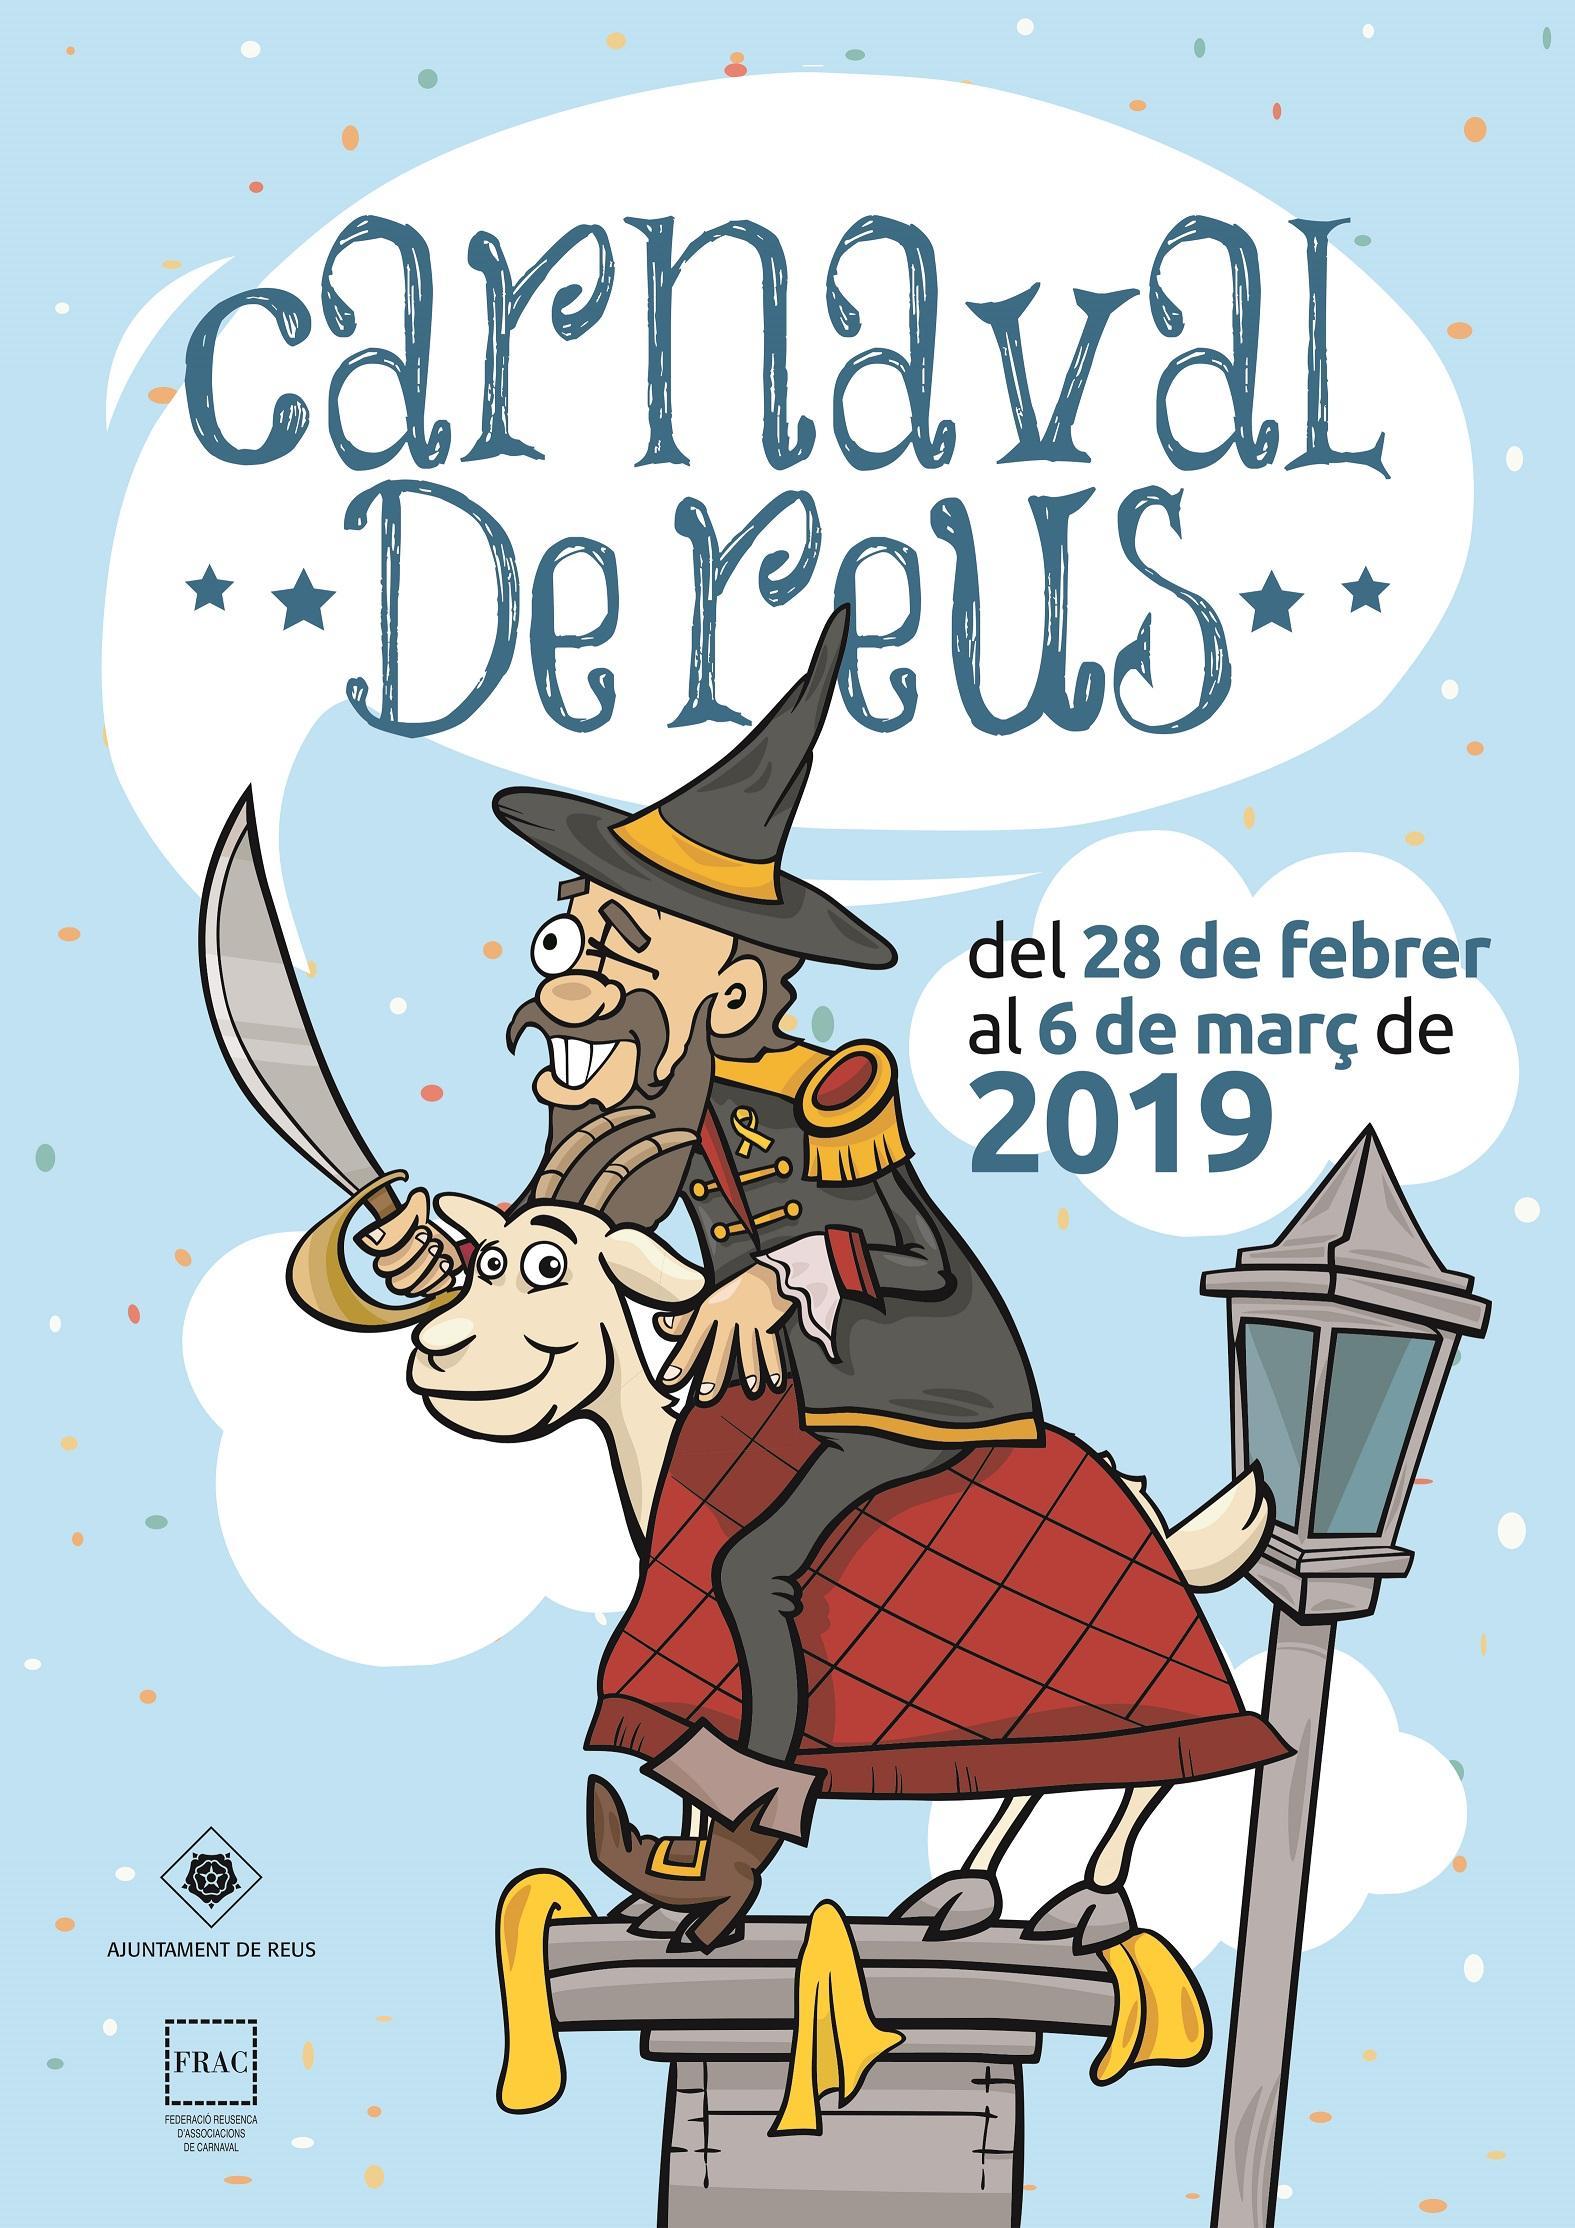 Carnaval de Reus